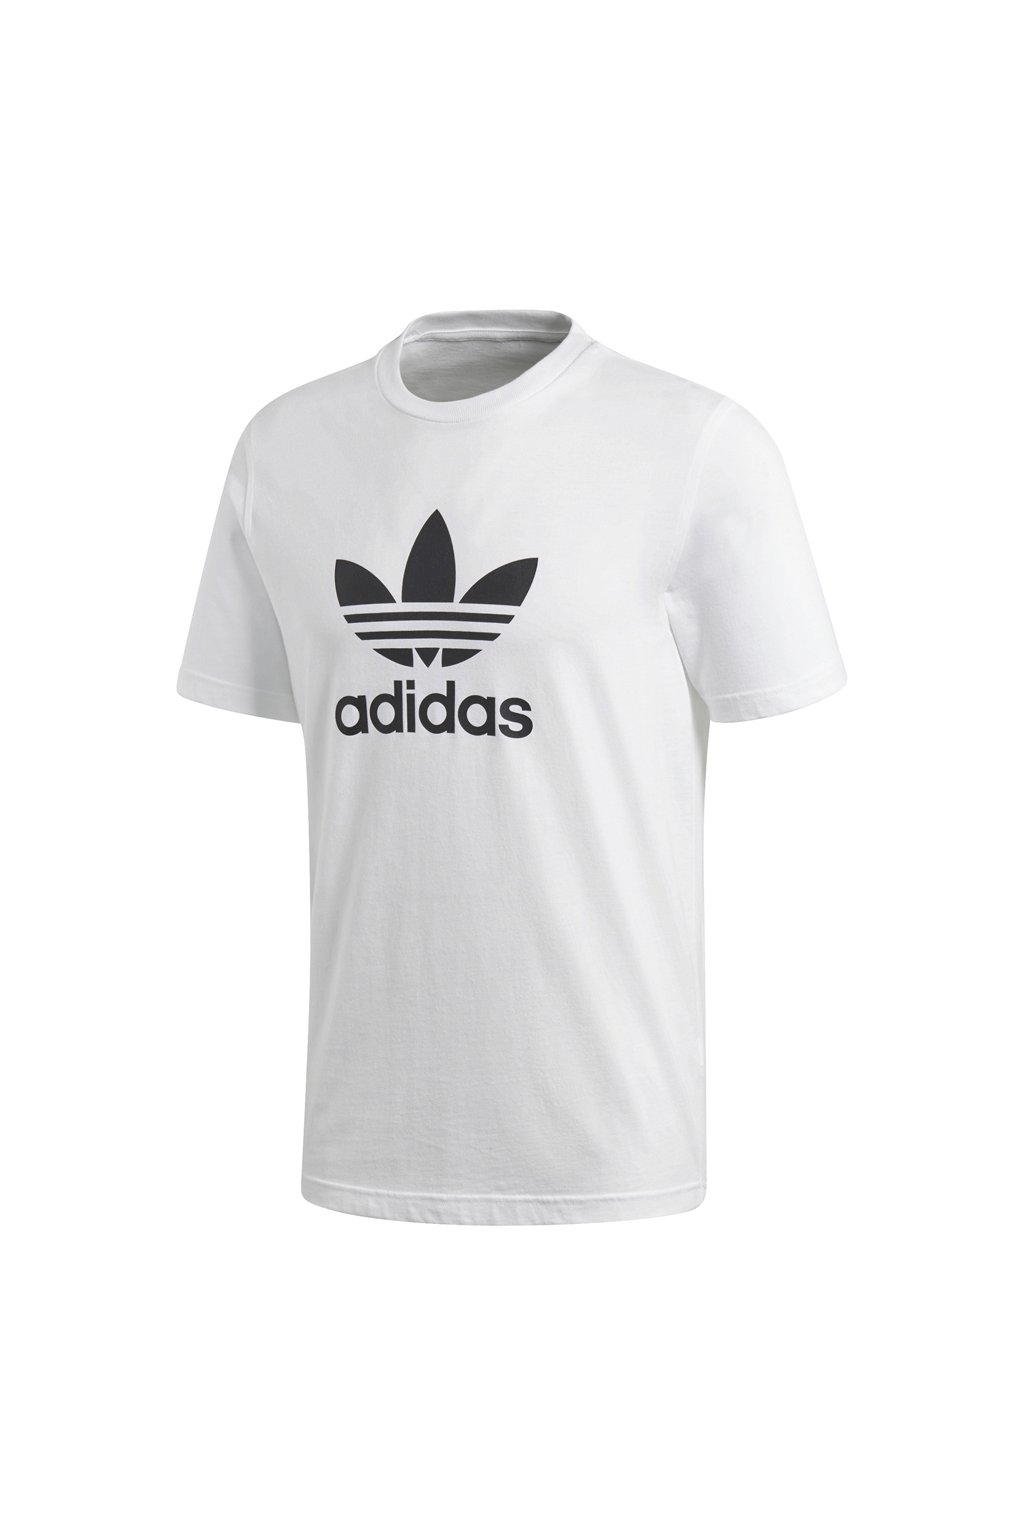 Pánske tričko Adidas Trefoil biela CW0710